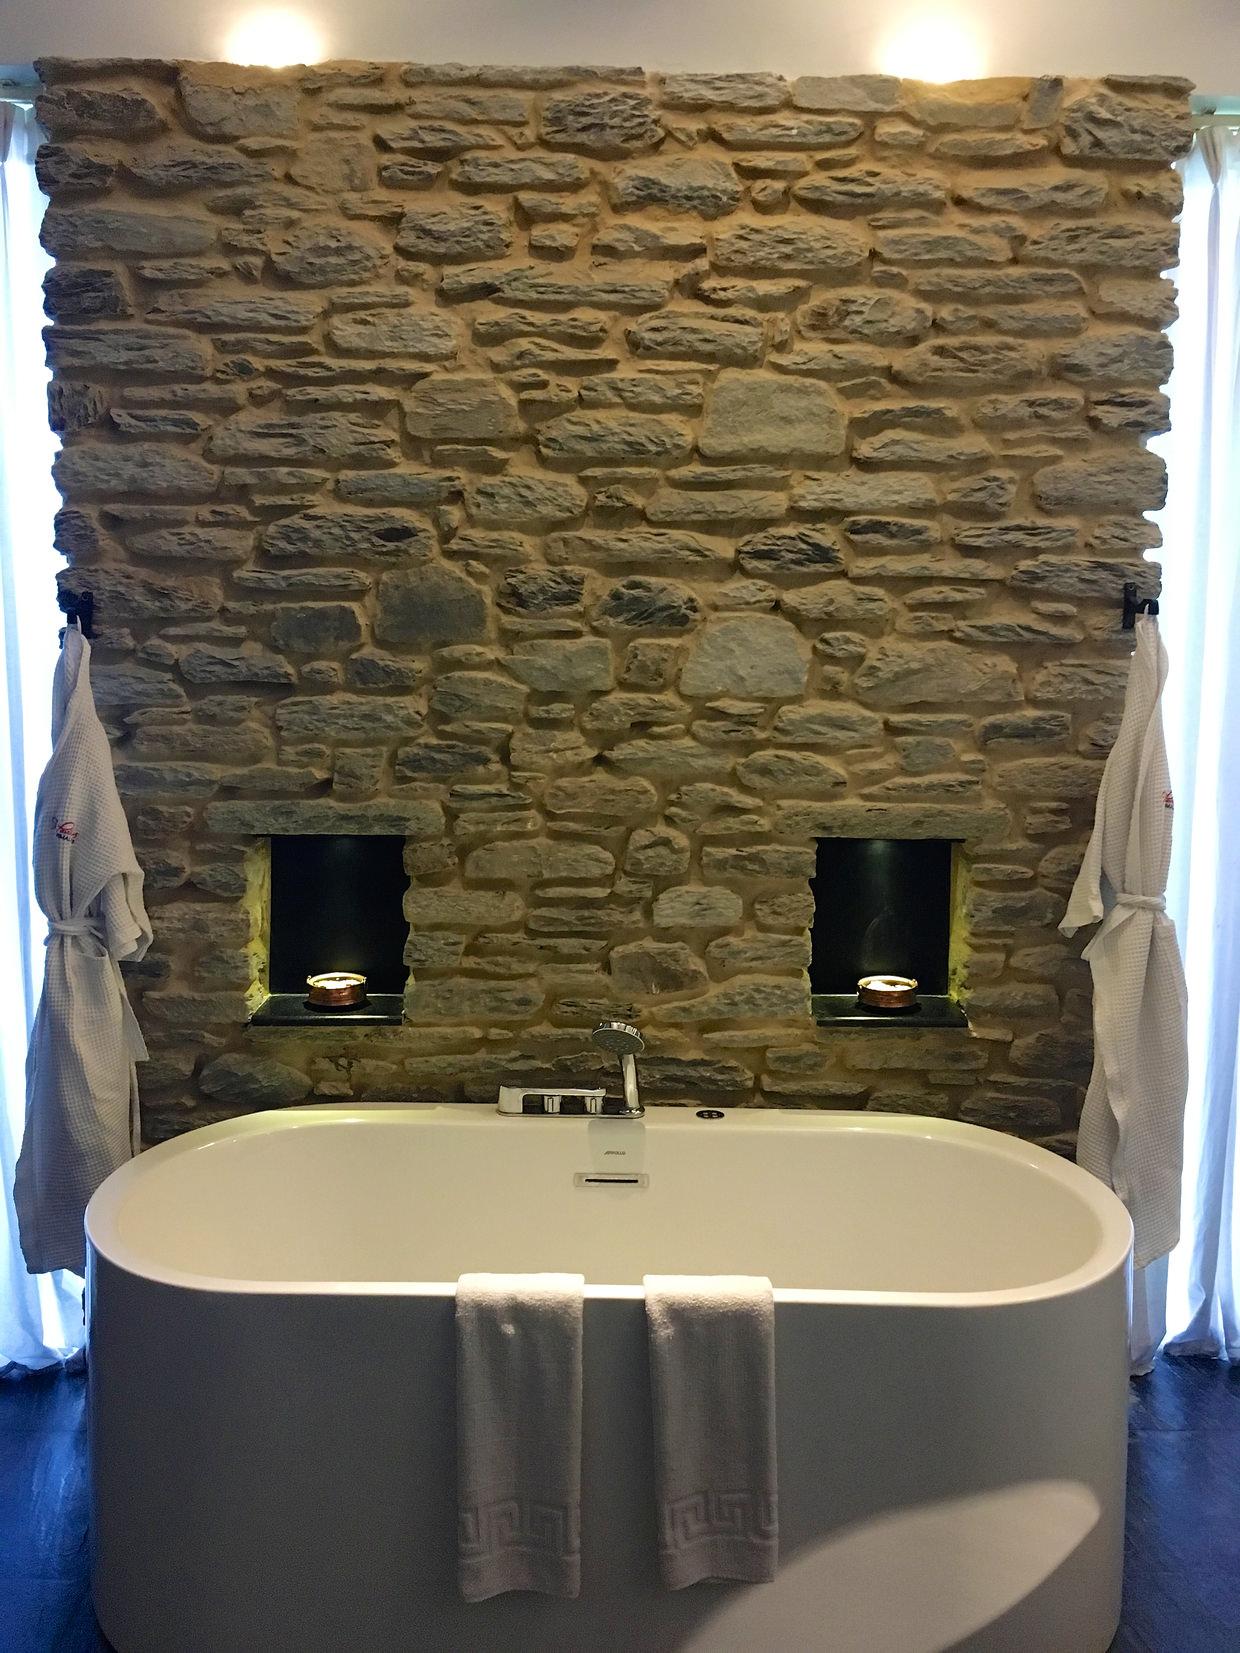 The bath in our villa